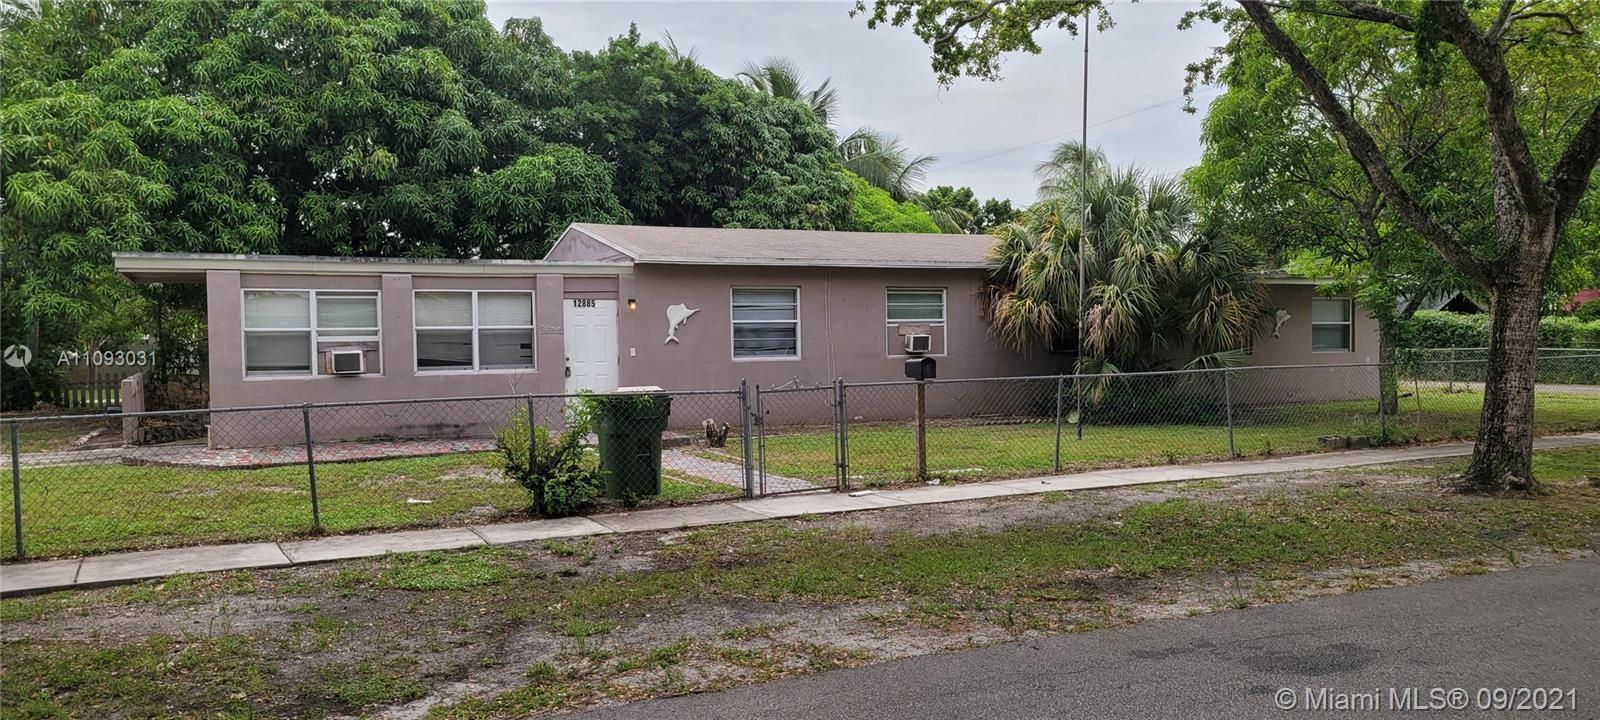 12885 NW 16th Ave, North Miami, FL 33167 - #: A11093031